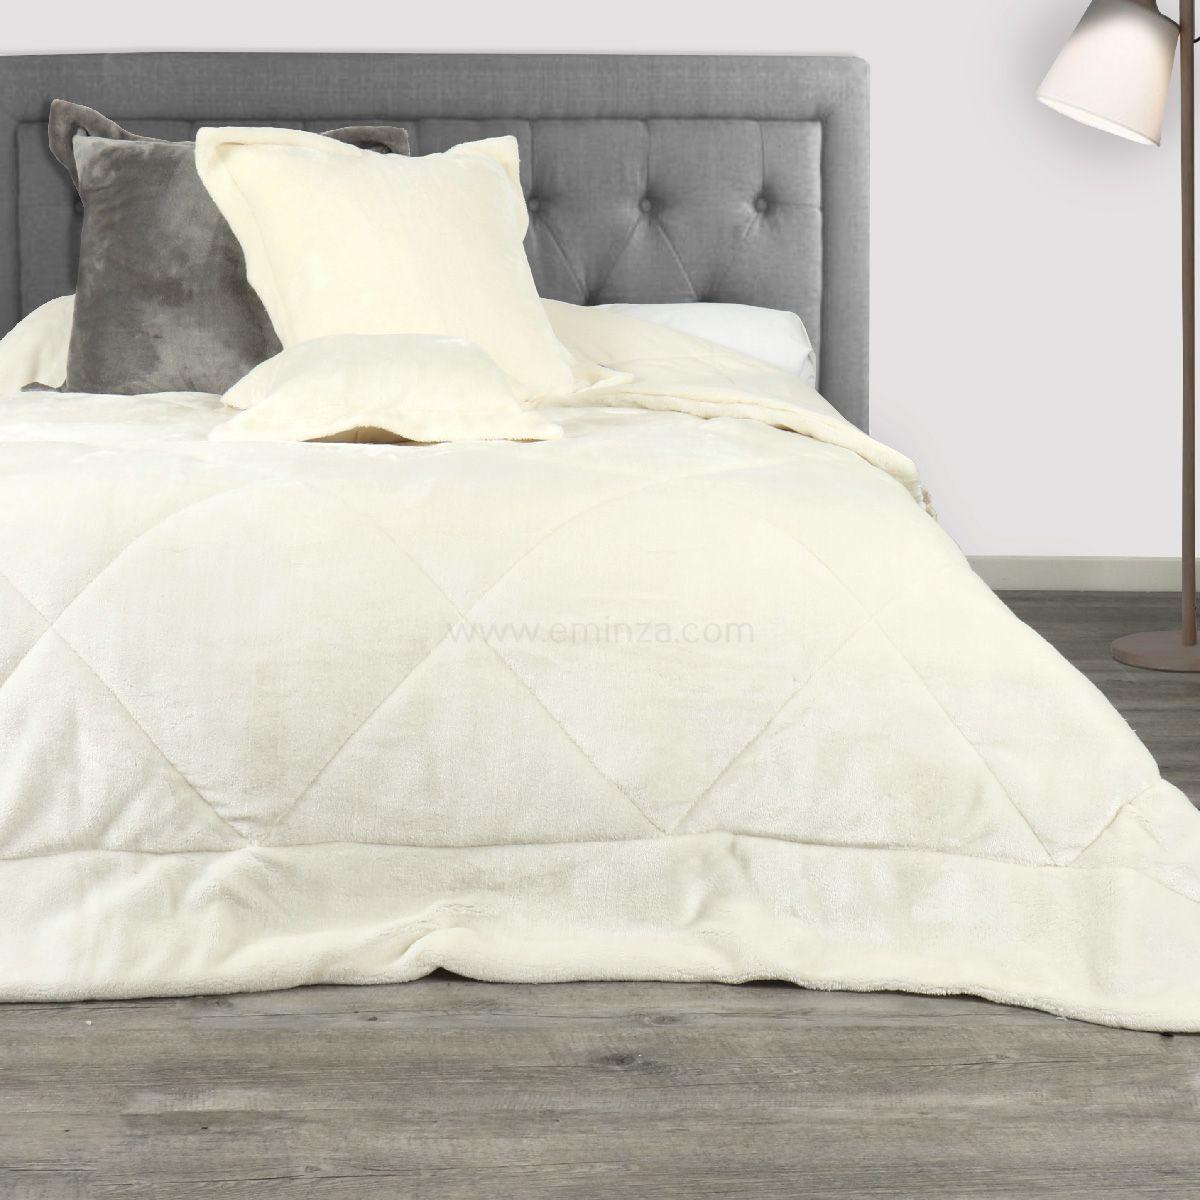 couvre lit 220 x 240 cm sweet night naturel couvre lit boutis eminza. Black Bedroom Furniture Sets. Home Design Ideas